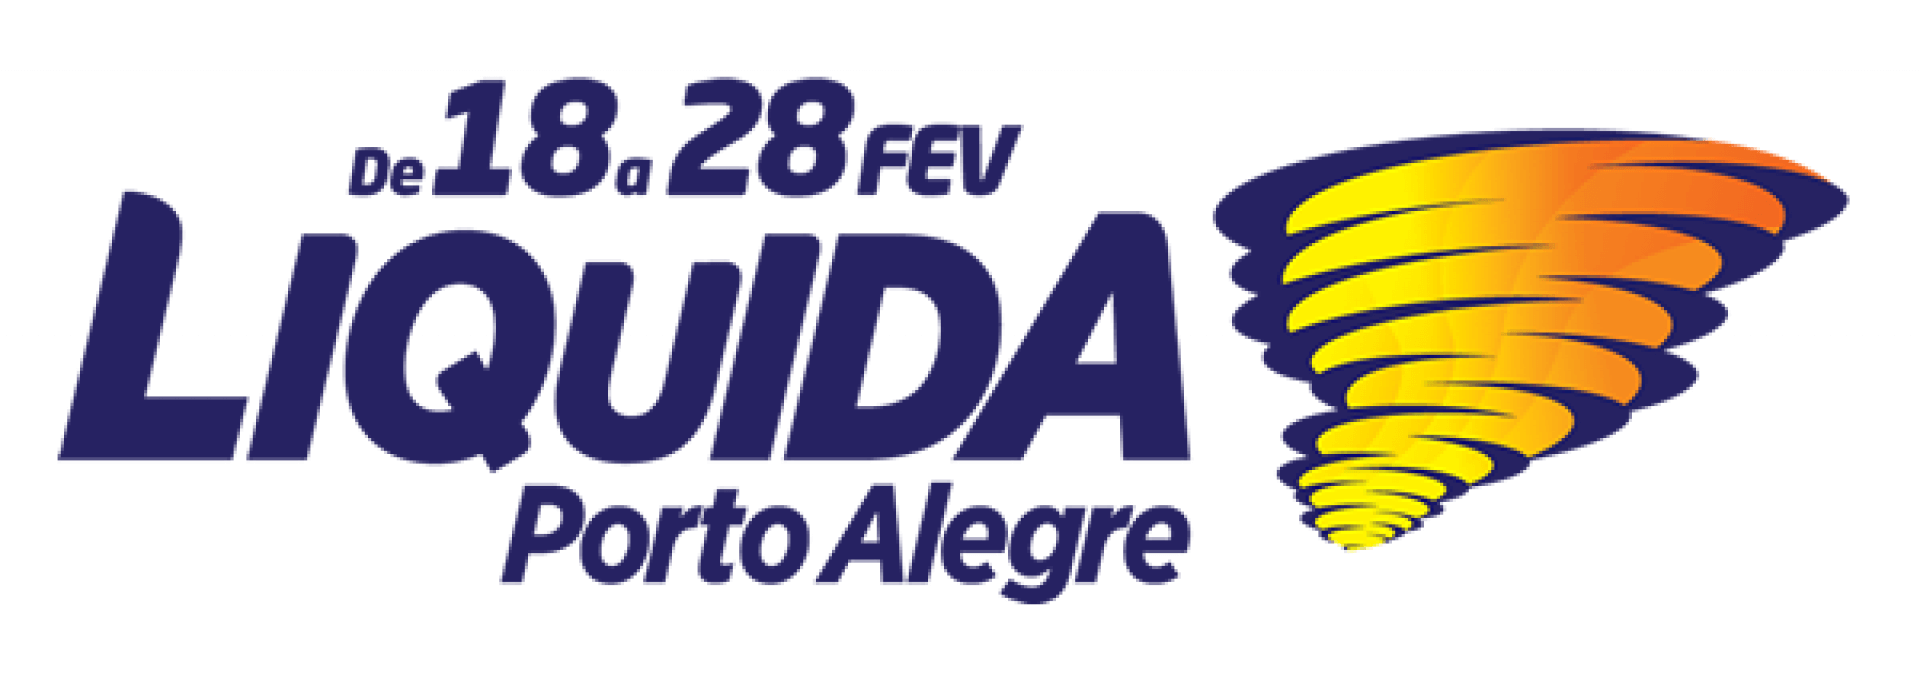 Liquida Porto Alegre 2016